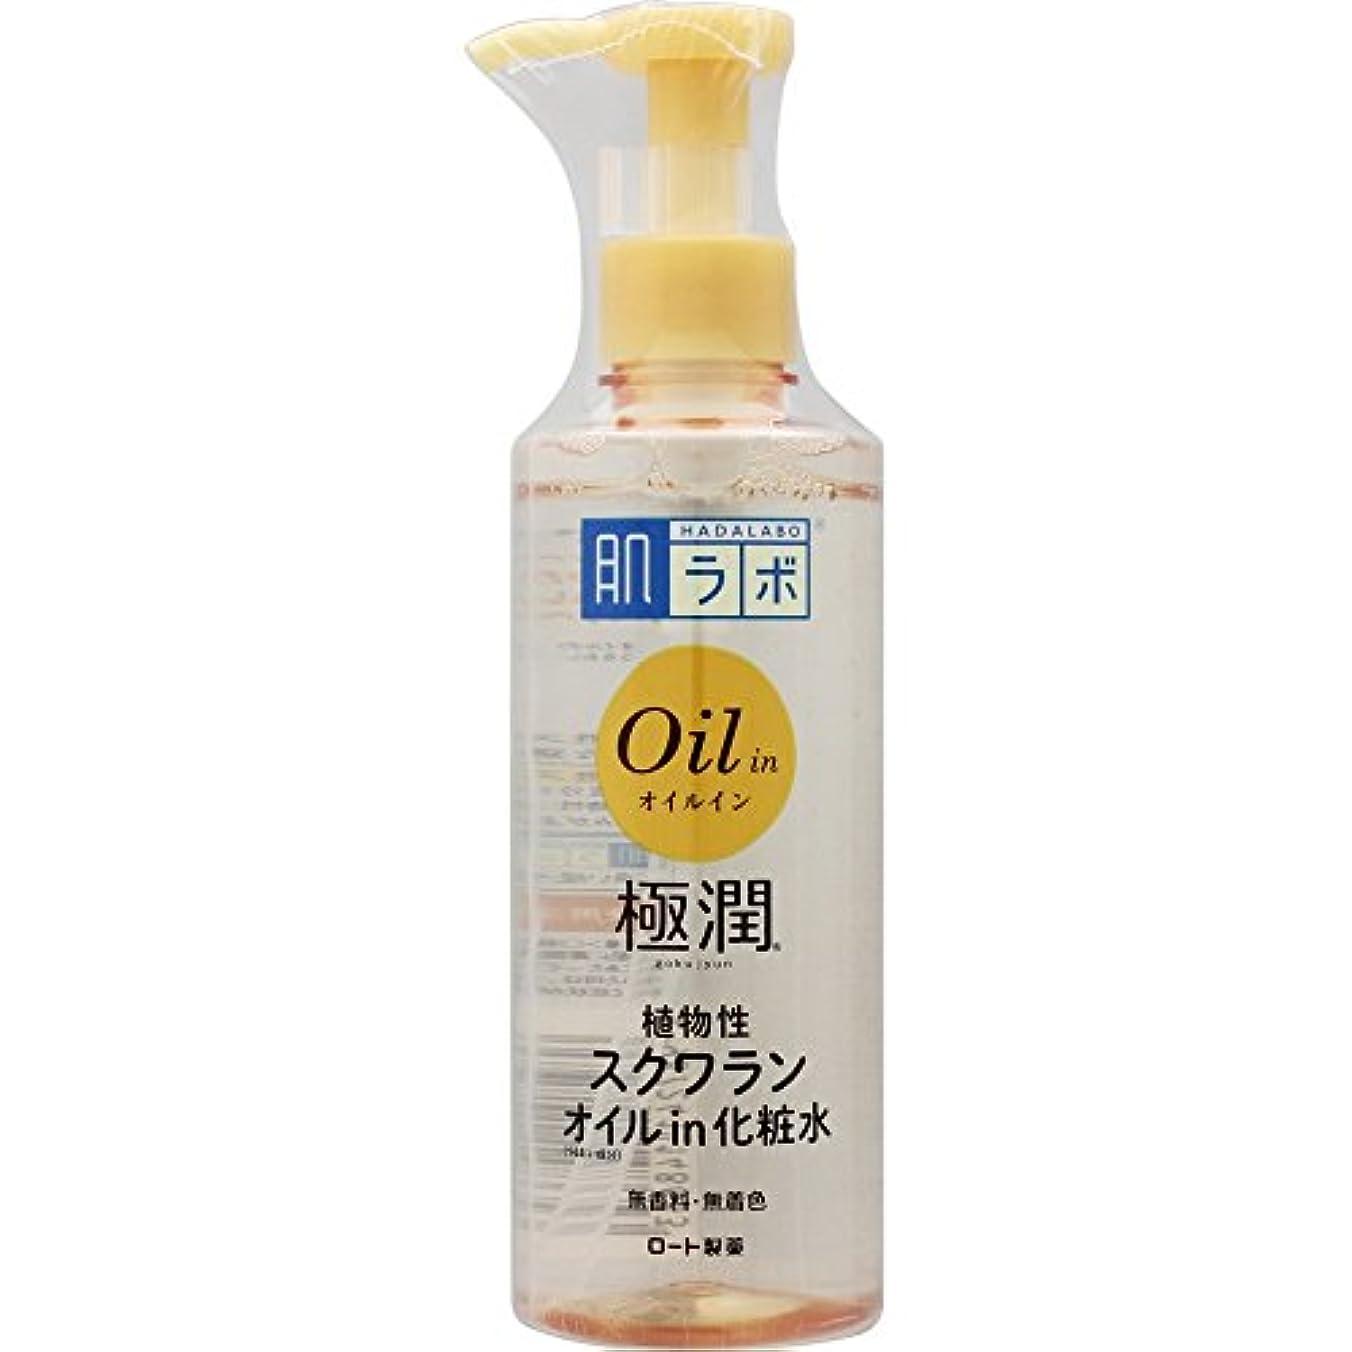 敬意を表して悪性の夫婦肌ラボ 極潤オイルイン化粧水 植物性スクワランオイル配合 220ml